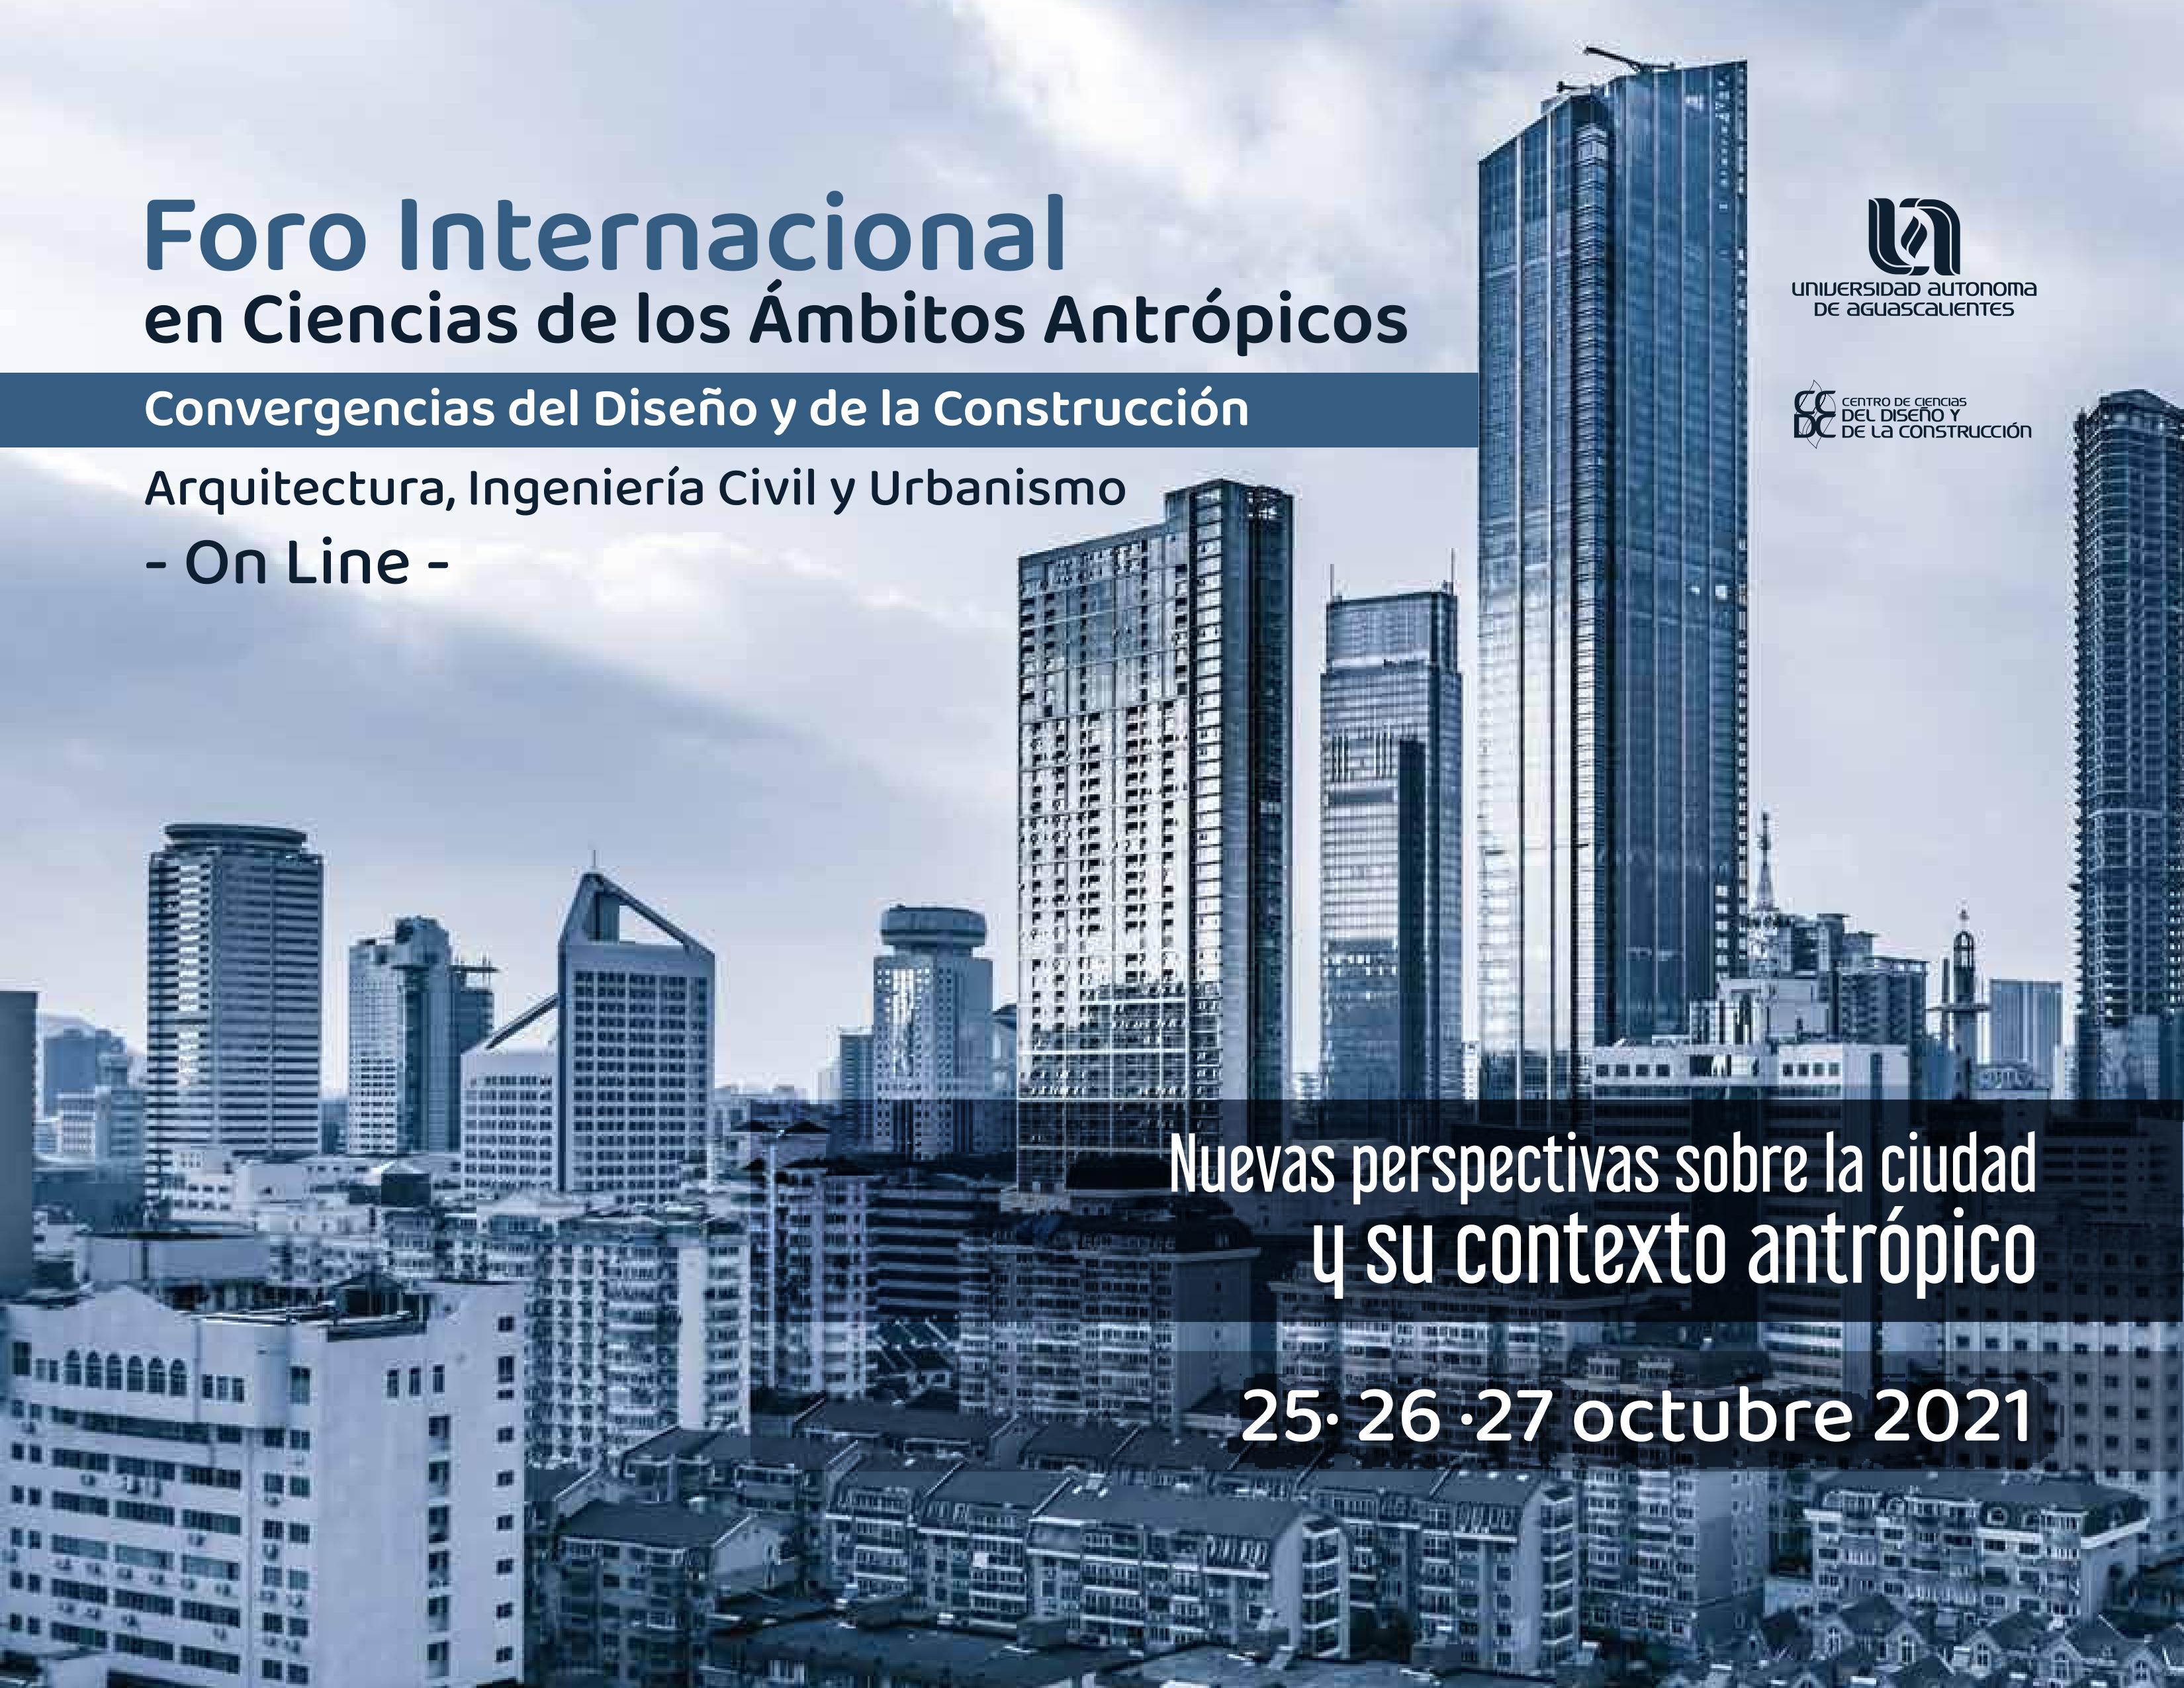 Foro Internacional en Ciencias de los Ámbitos Antrópicos